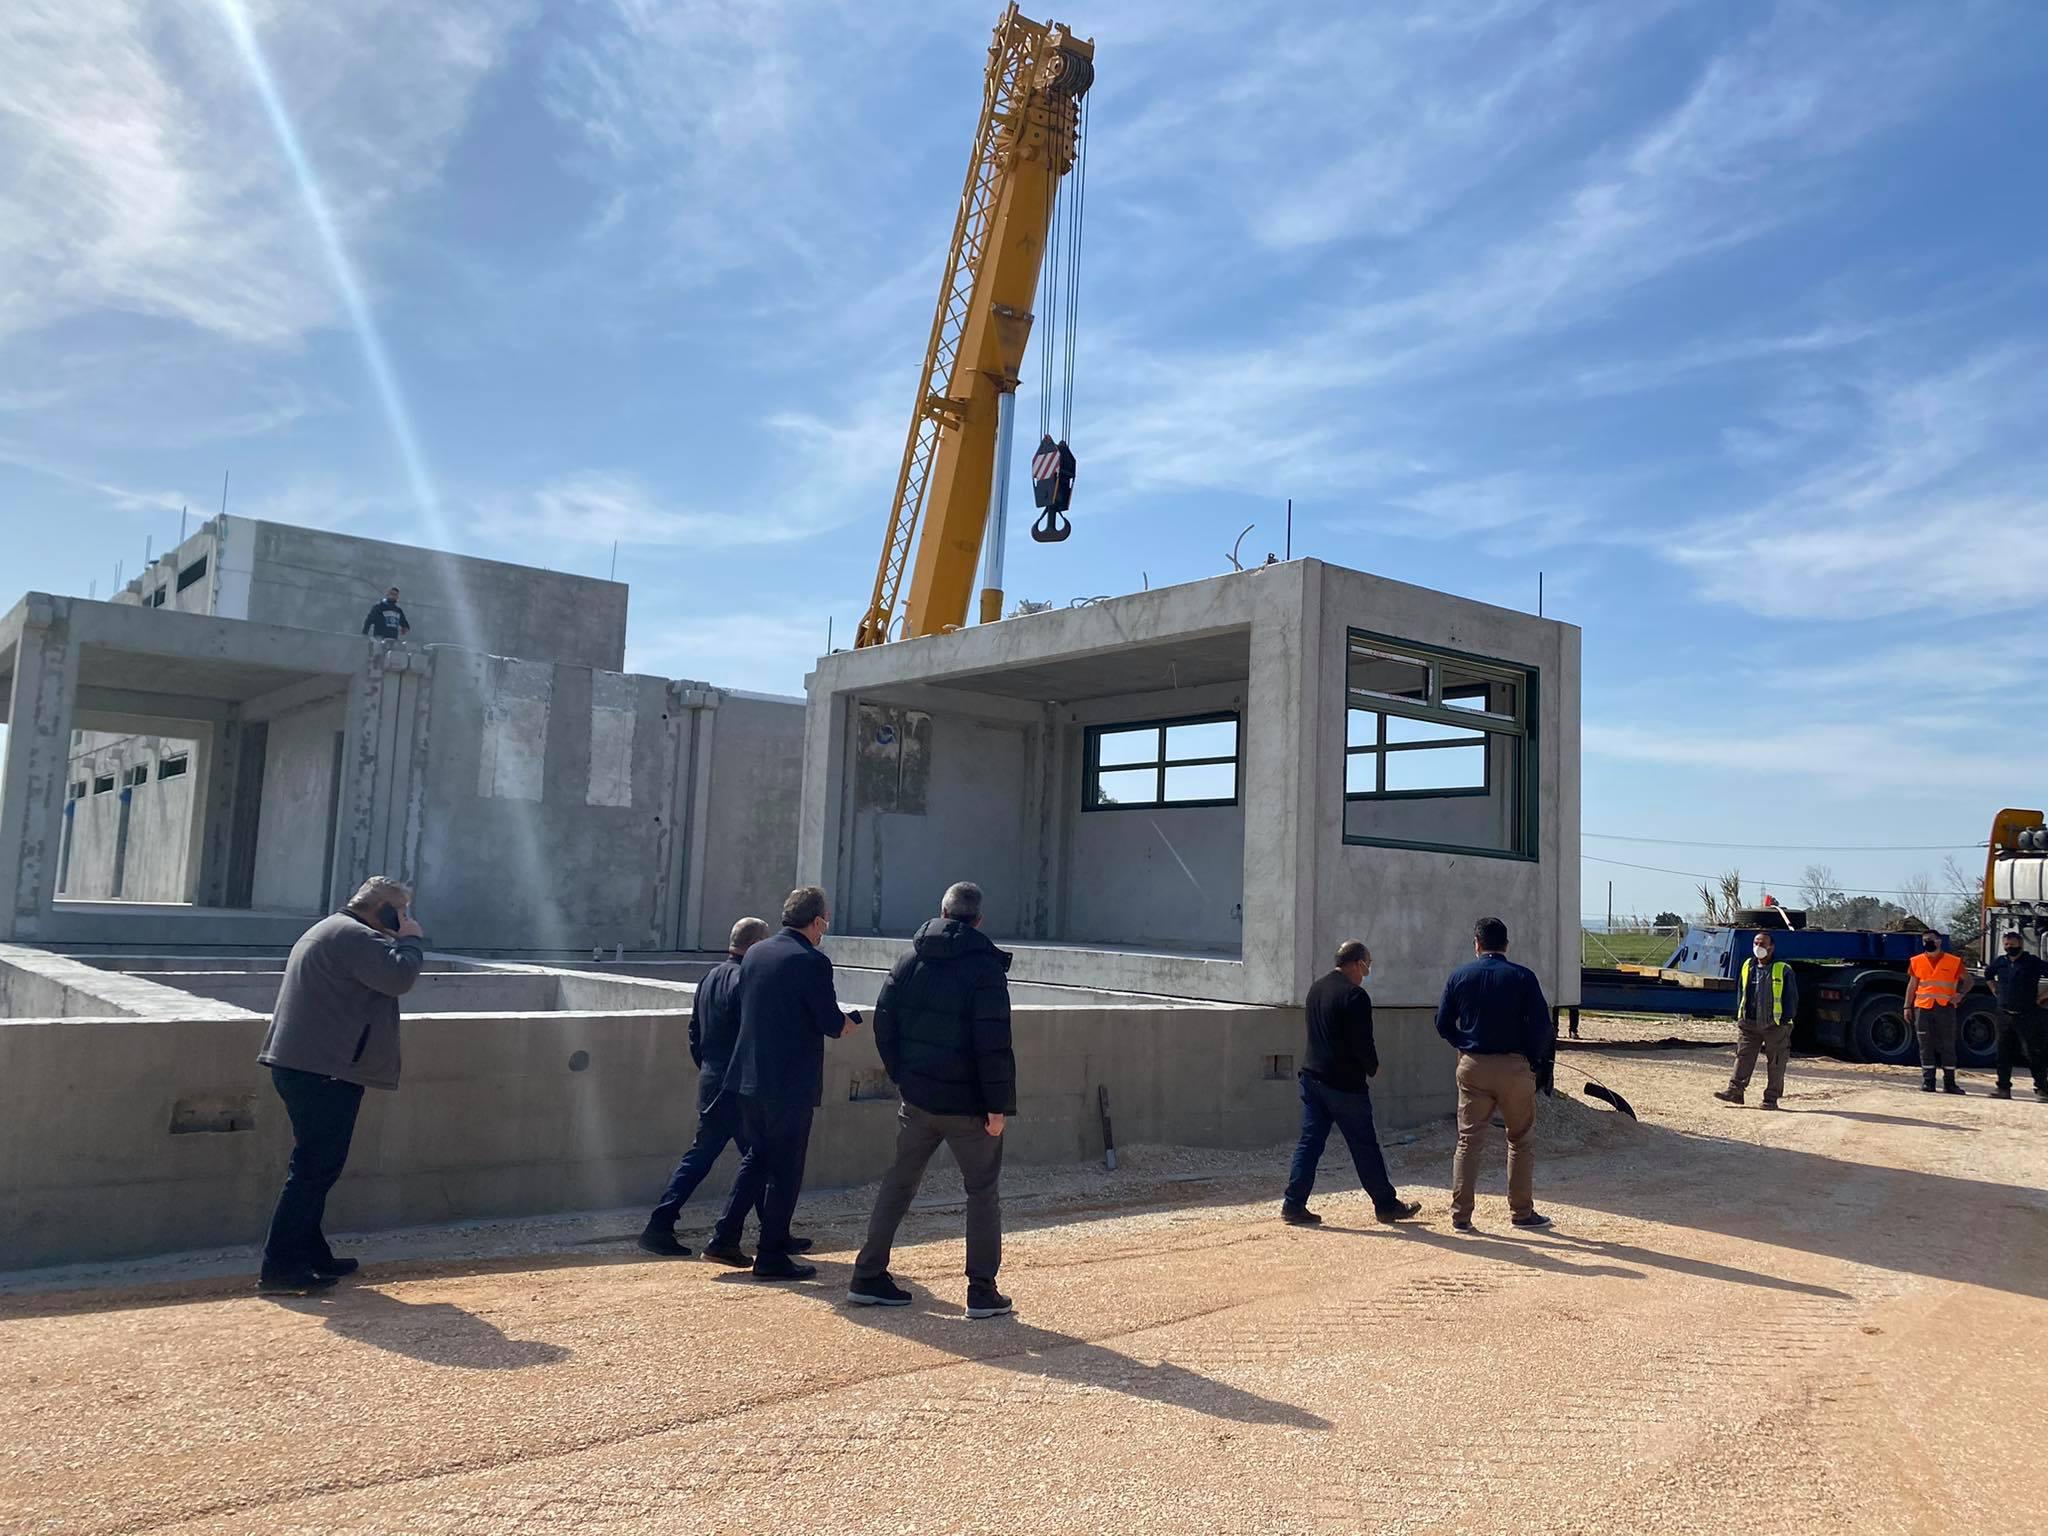 Δήμος Ανδραβίδας-Κυλλήνης: Επίσκεψη- αυτοψία Δημάρχου Γ. Λέντζα στο υπό κατασκευή Γενικό Λύκειο Λεχαινών (photos)